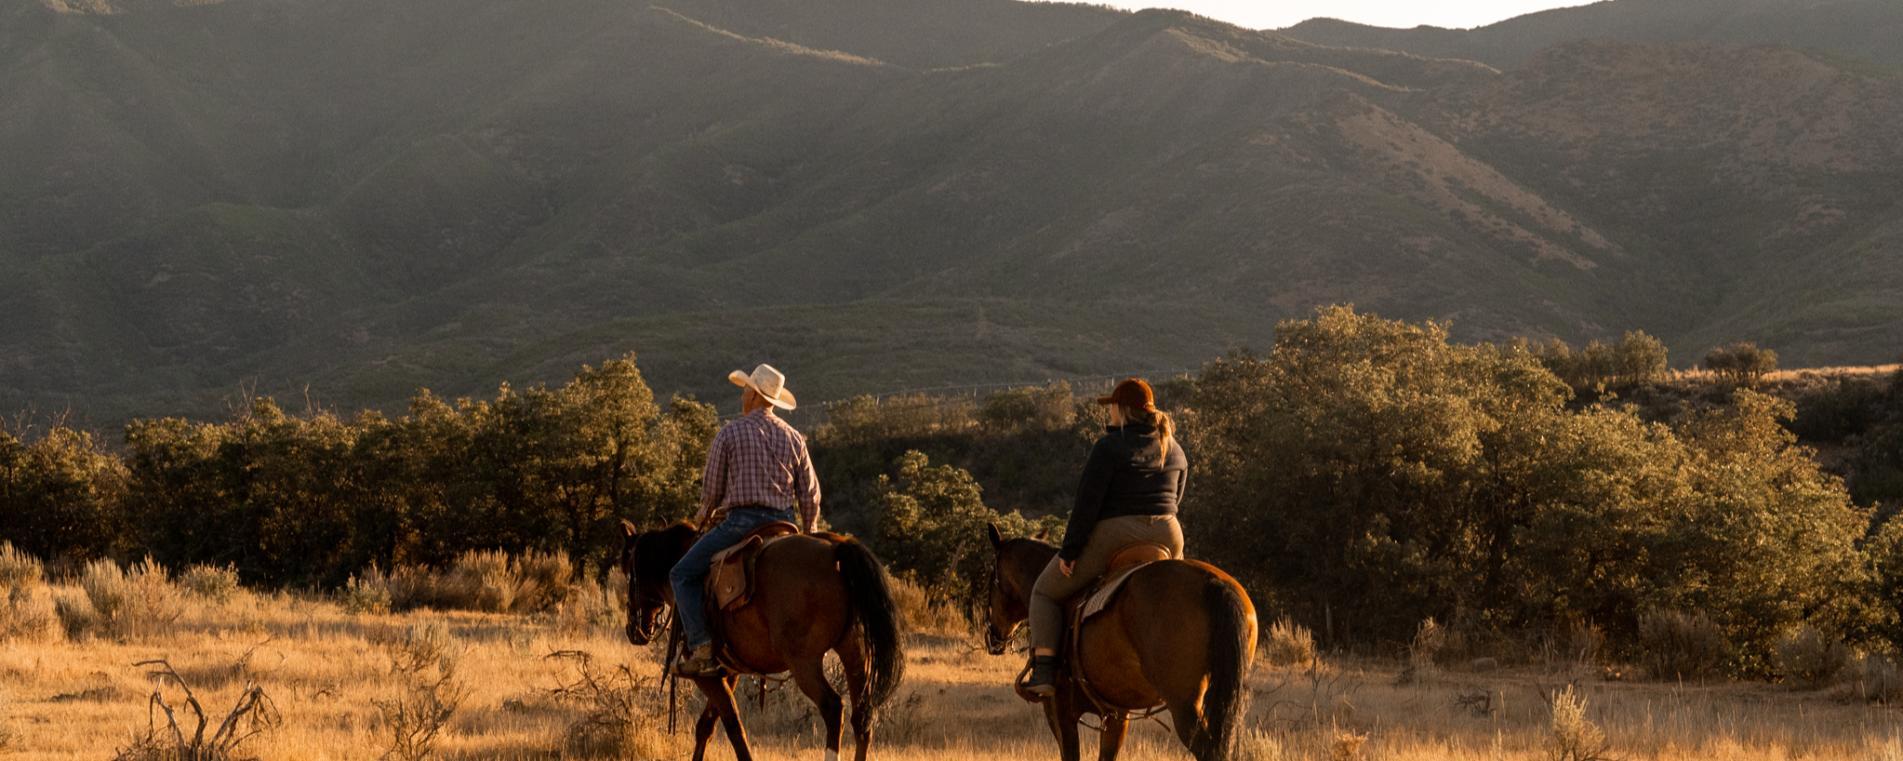 Hobble Creek Outfitters Horseback Ride